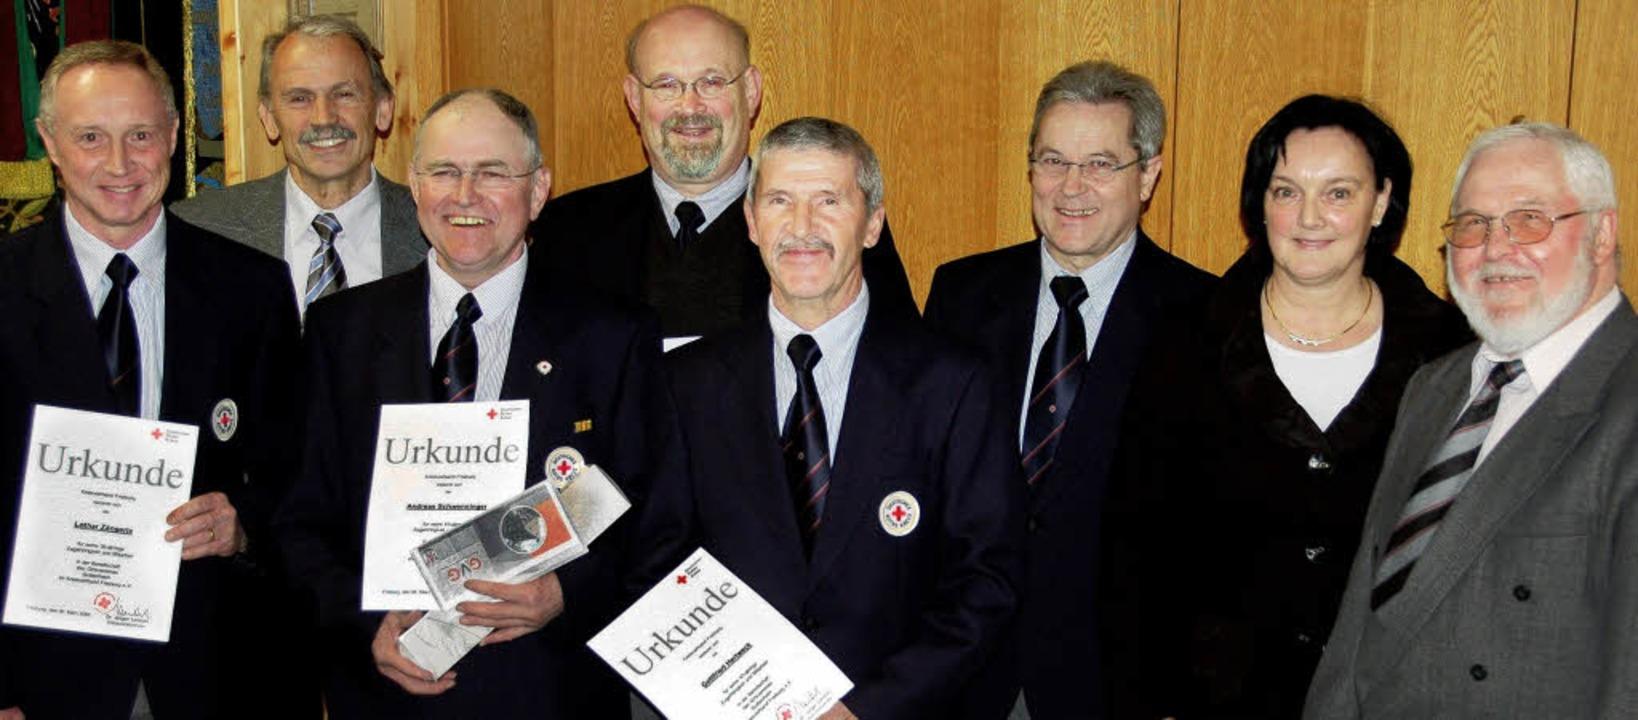 Für ihre langjährige Aktivität ehrte D...orsitzende  Manfred Maurer (rechts).      Foto: SEBASTIAN EHRET